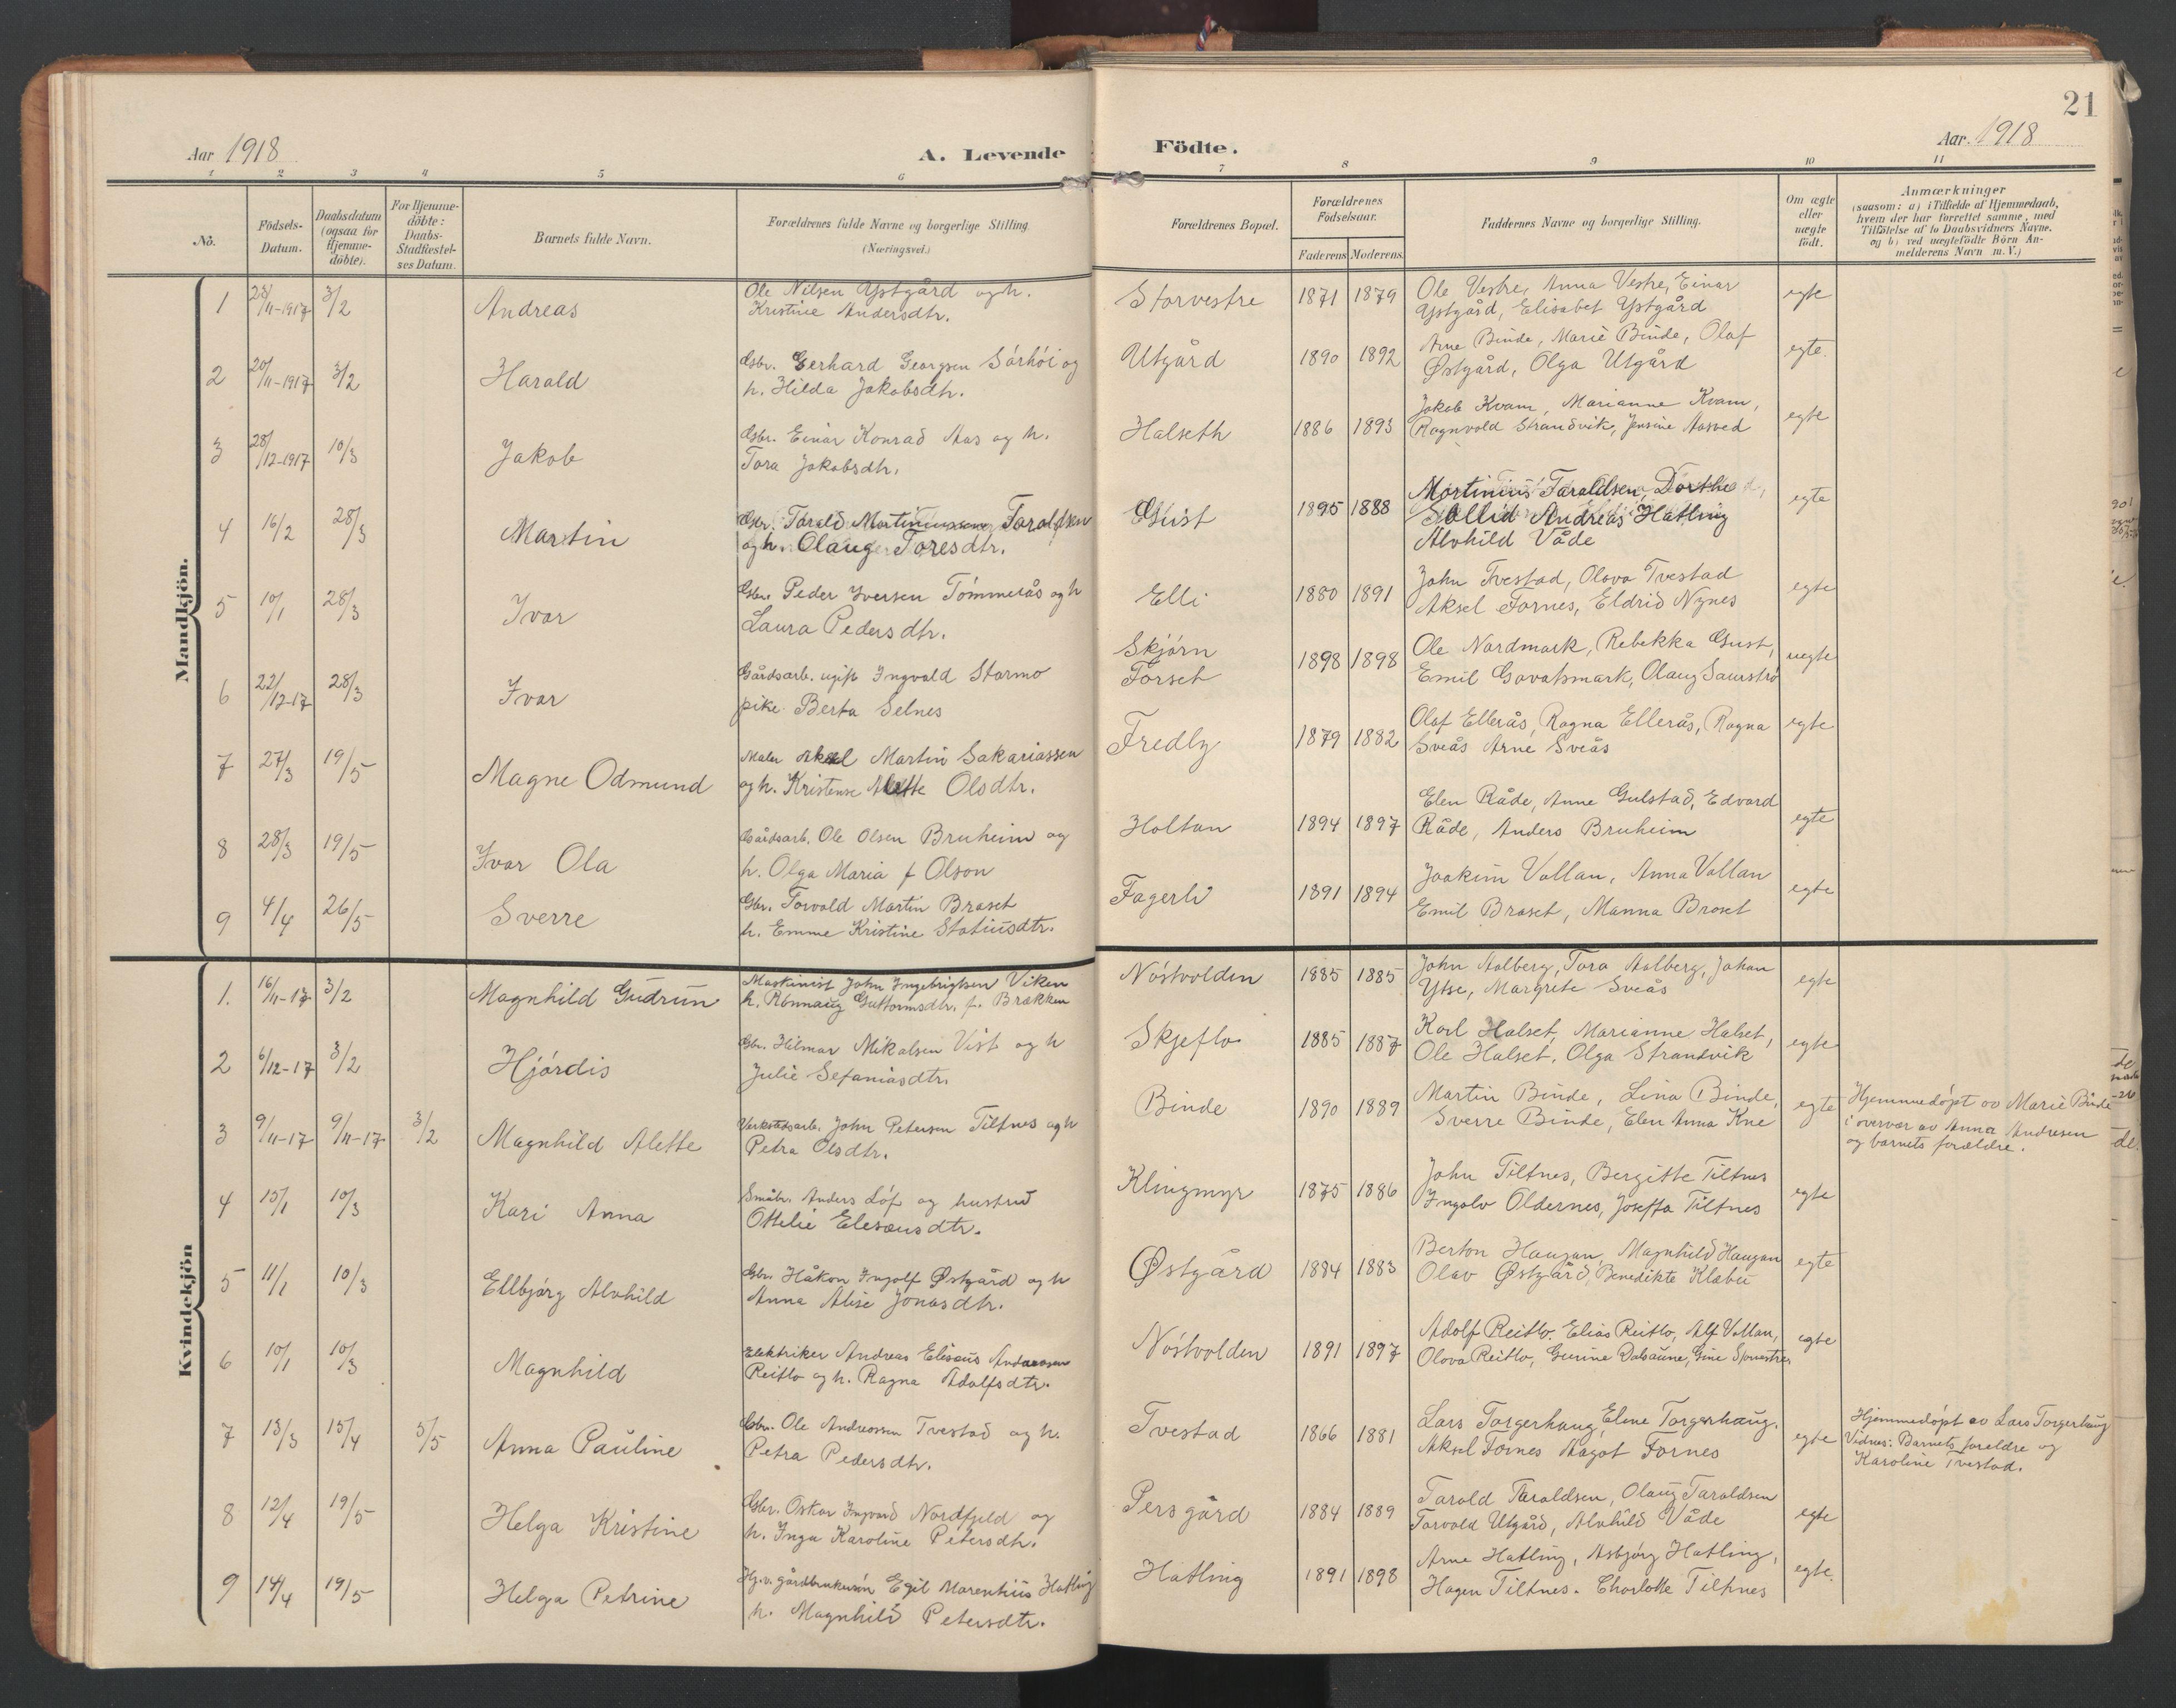 SAT, Ministerialprotokoller, klokkerbøker og fødselsregistre - Nord-Trøndelag, 746/L0455: Klokkerbok nr. 746C01, 1908-1933, s. 21